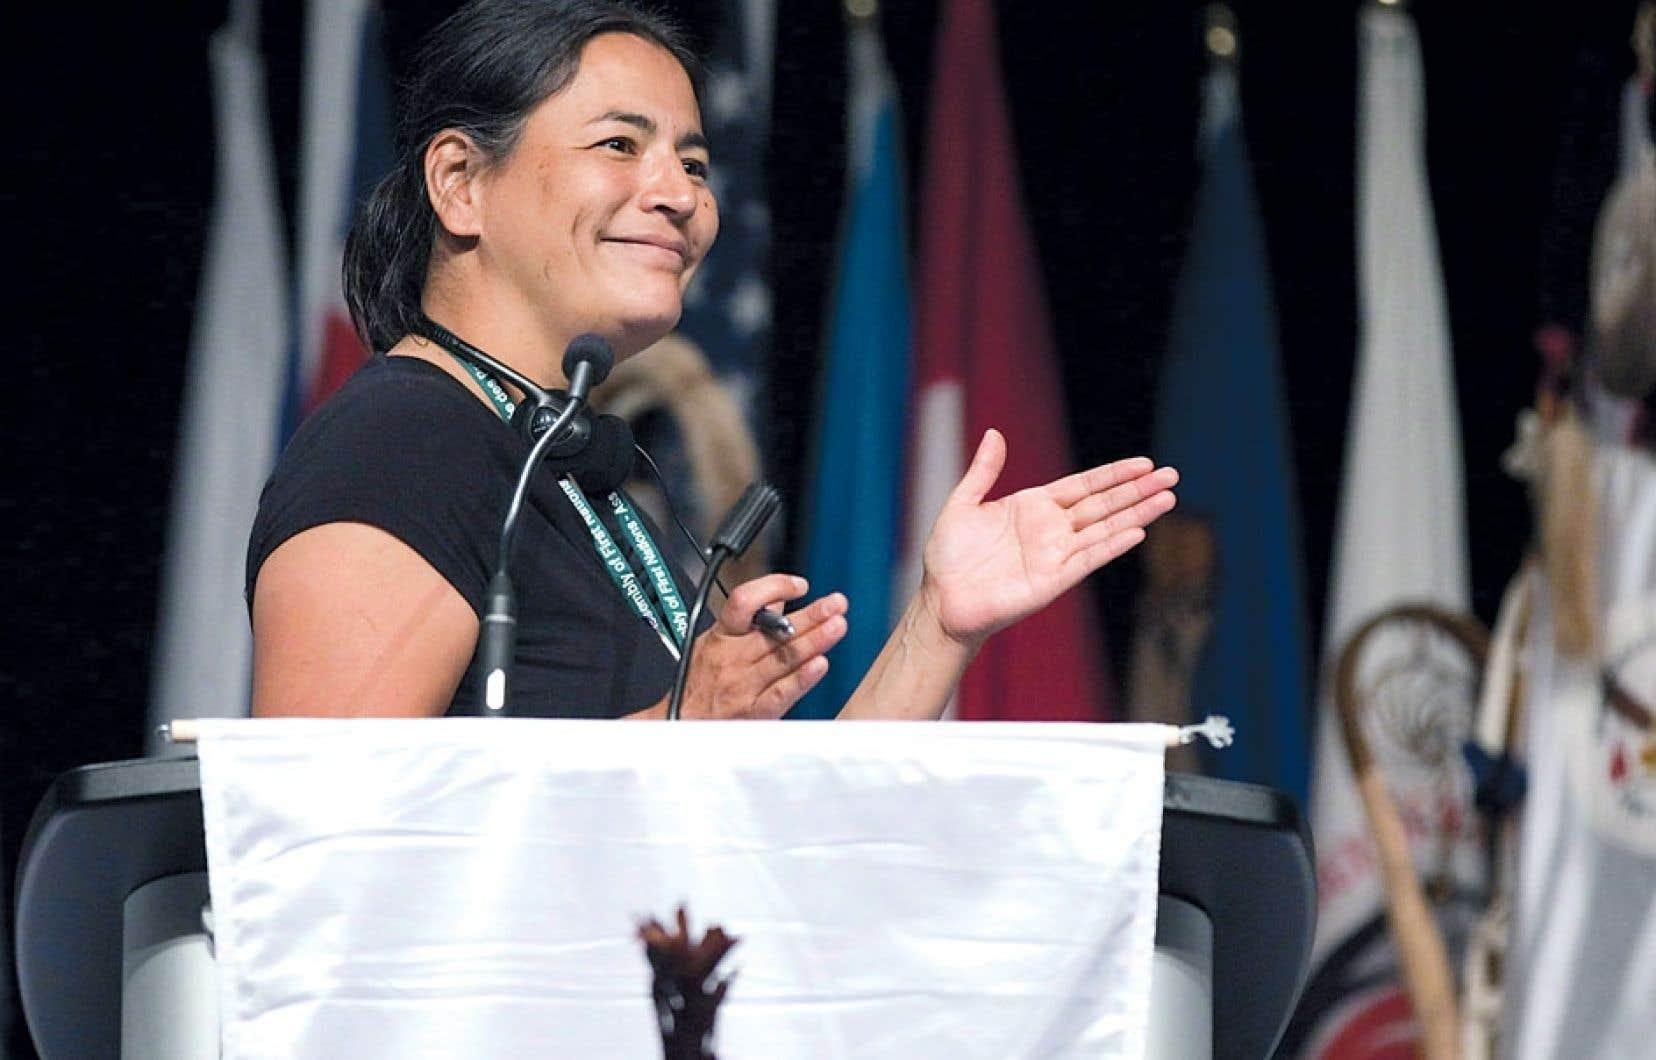 «En éducation, il n'y a pas eu d'augmentation depuis 20 ans. Un enfant autochtone reçoit 2000 $ de moins par année qu'un enfant québécois», dit Michèle Audette (ci-dessus).